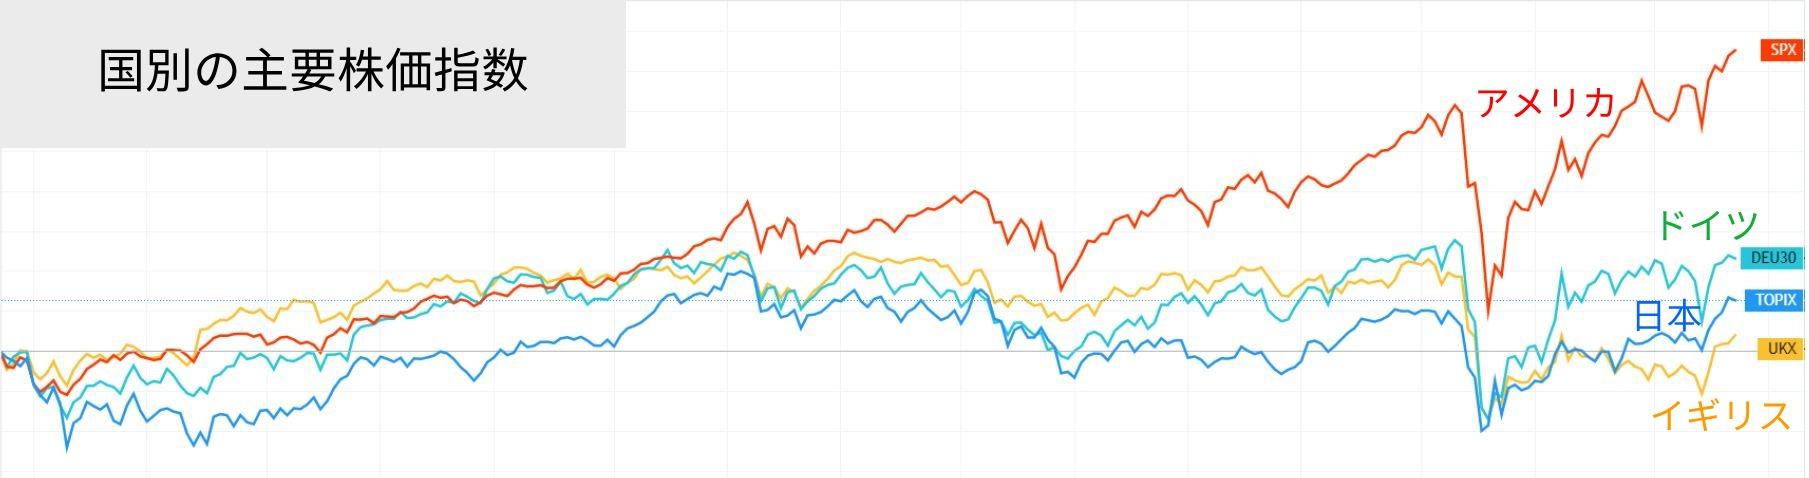 主要株価指数